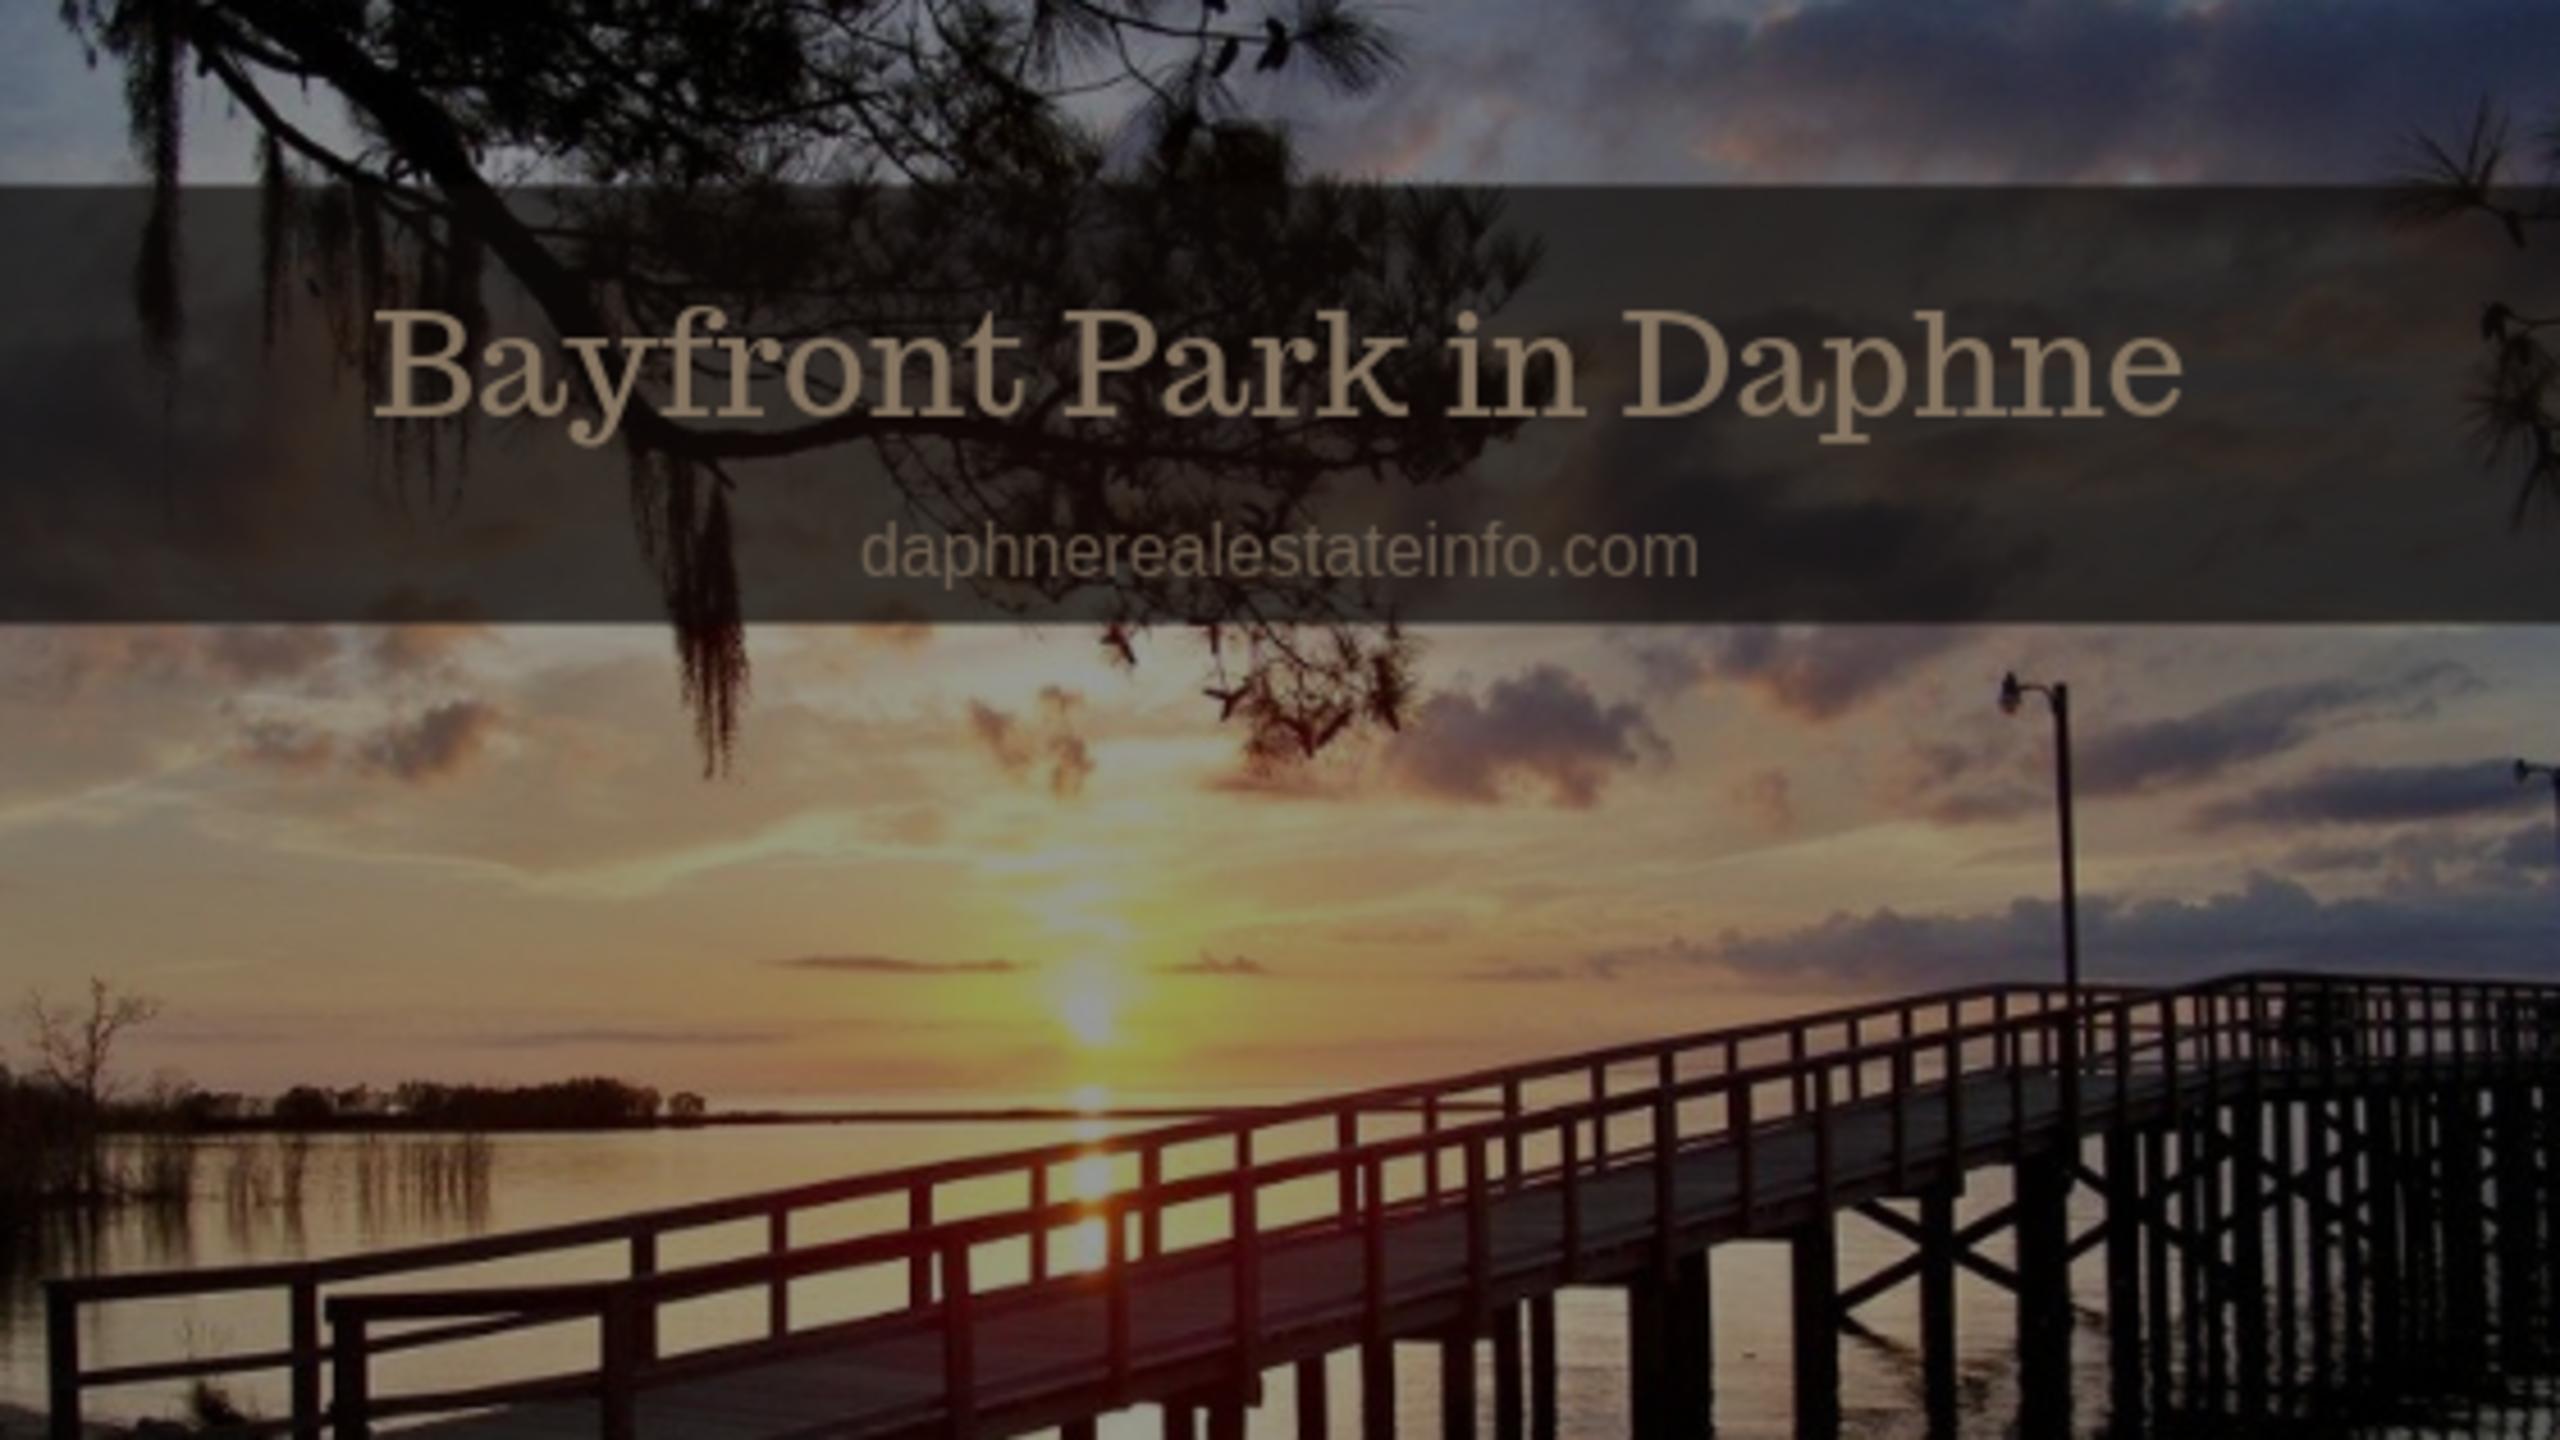 Bayfront Park – Daphne